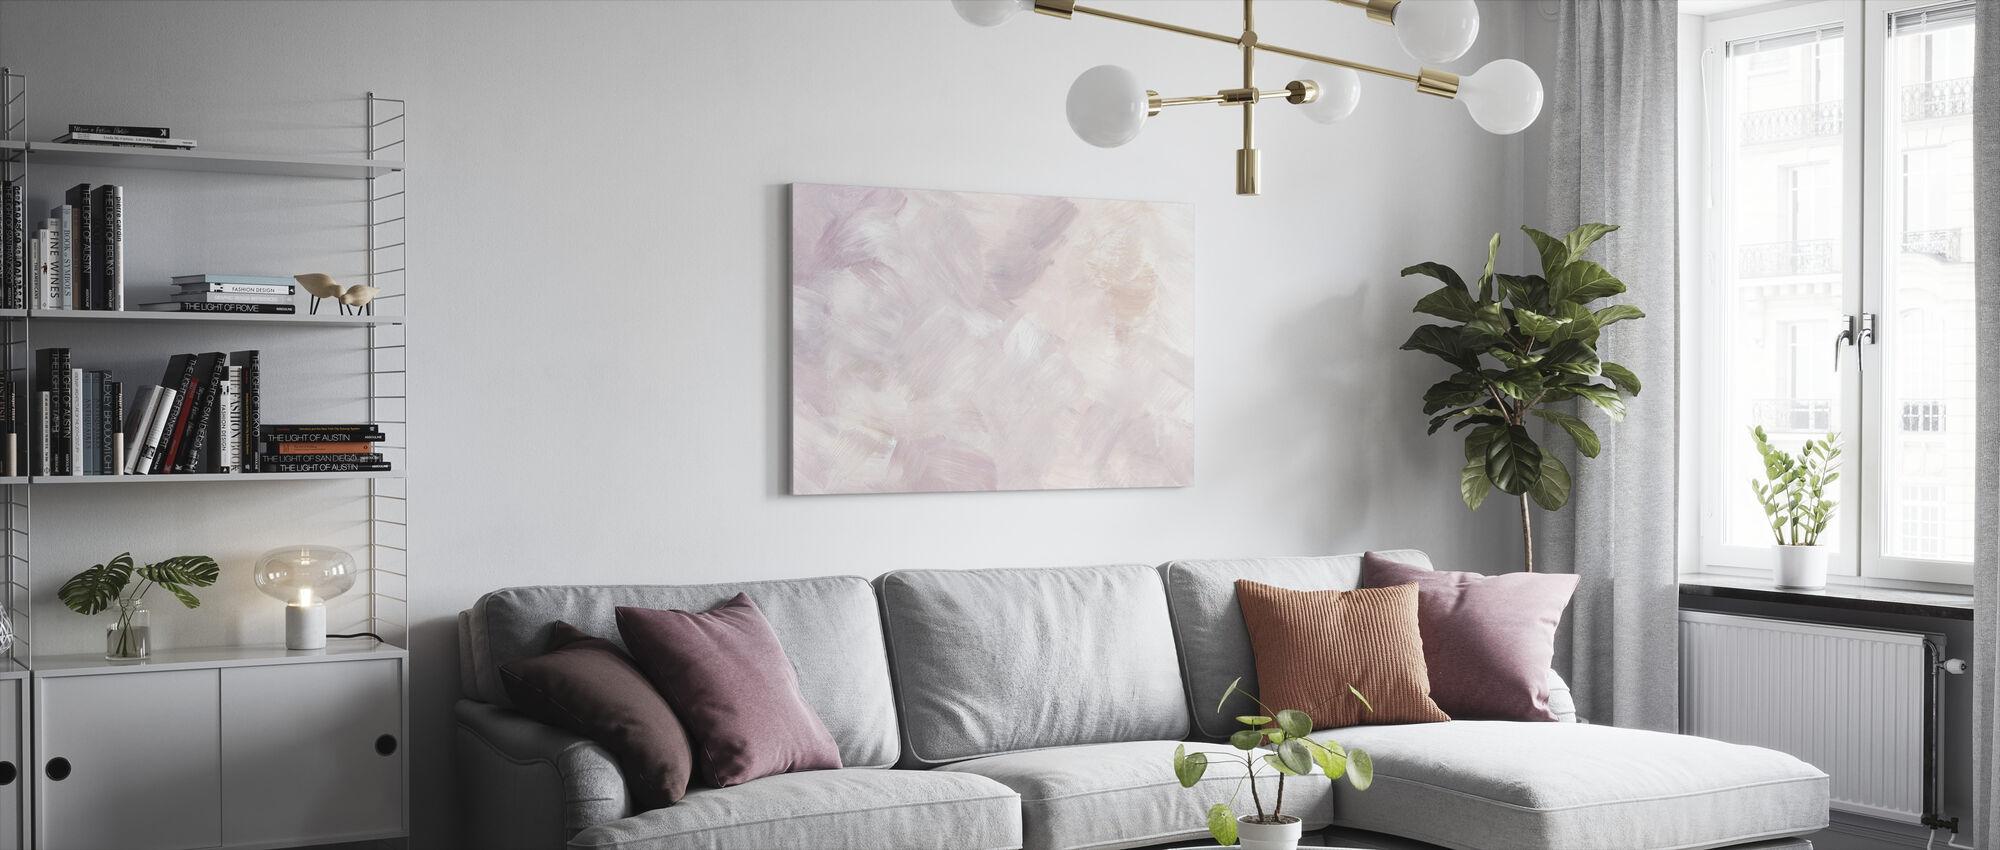 Rouge Violett - Leinwandbild - Wohnzimmer